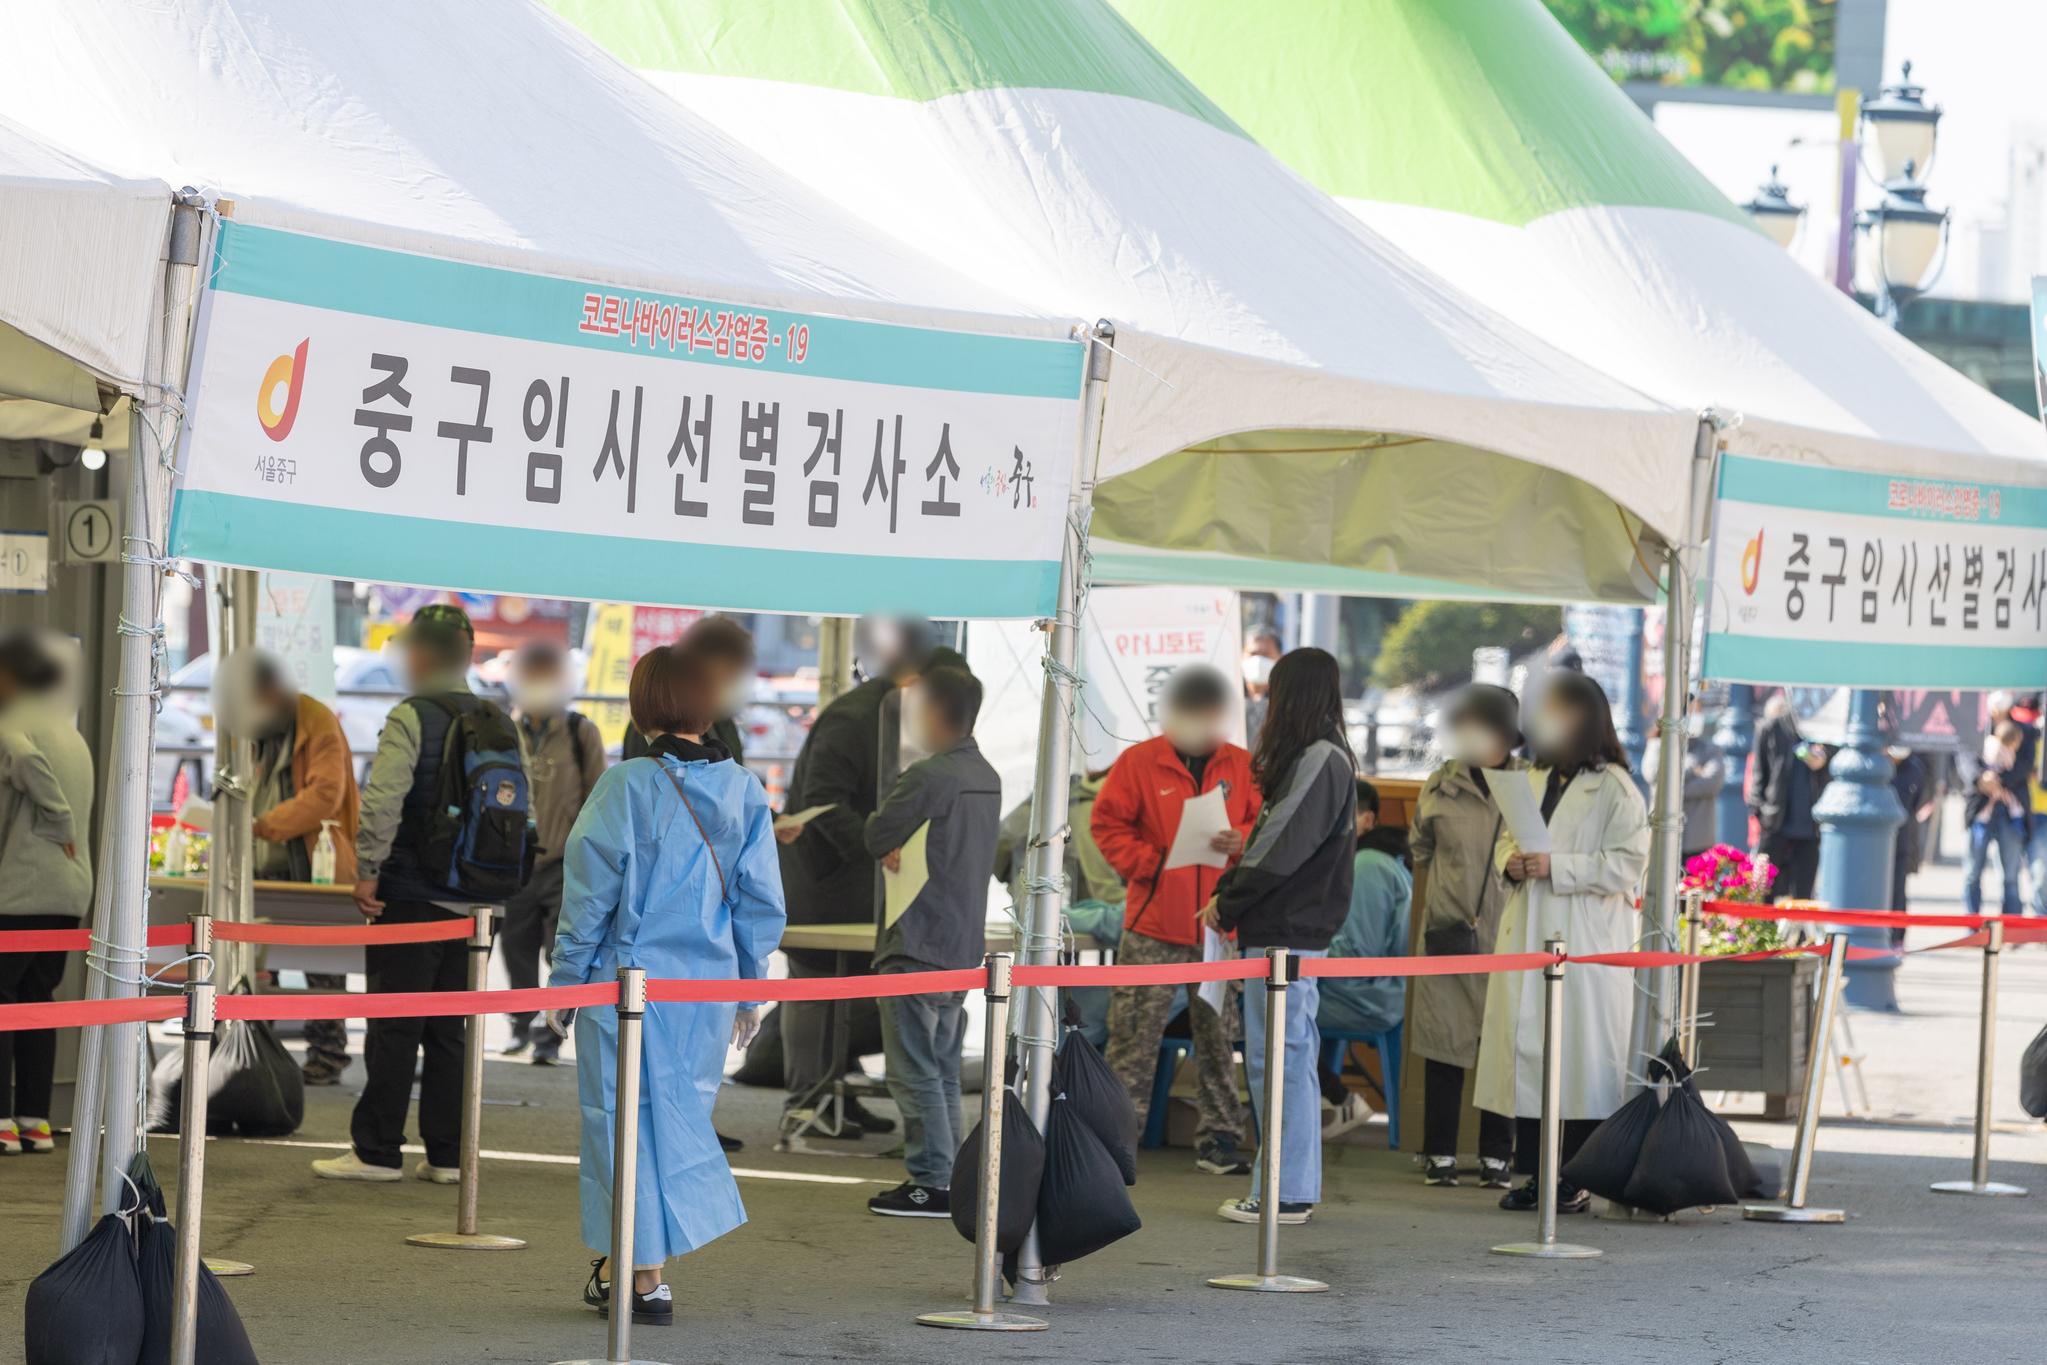 신종 코로나바이러스 감염증(코로나19) 신규 확진자가 600명대 발생한 18일 오전 서울 중구 서울역광장에 마련된 임시선별진료소를 찾은 시민들이 검사를 받기 위해 줄을 서 있다. 뉴스1